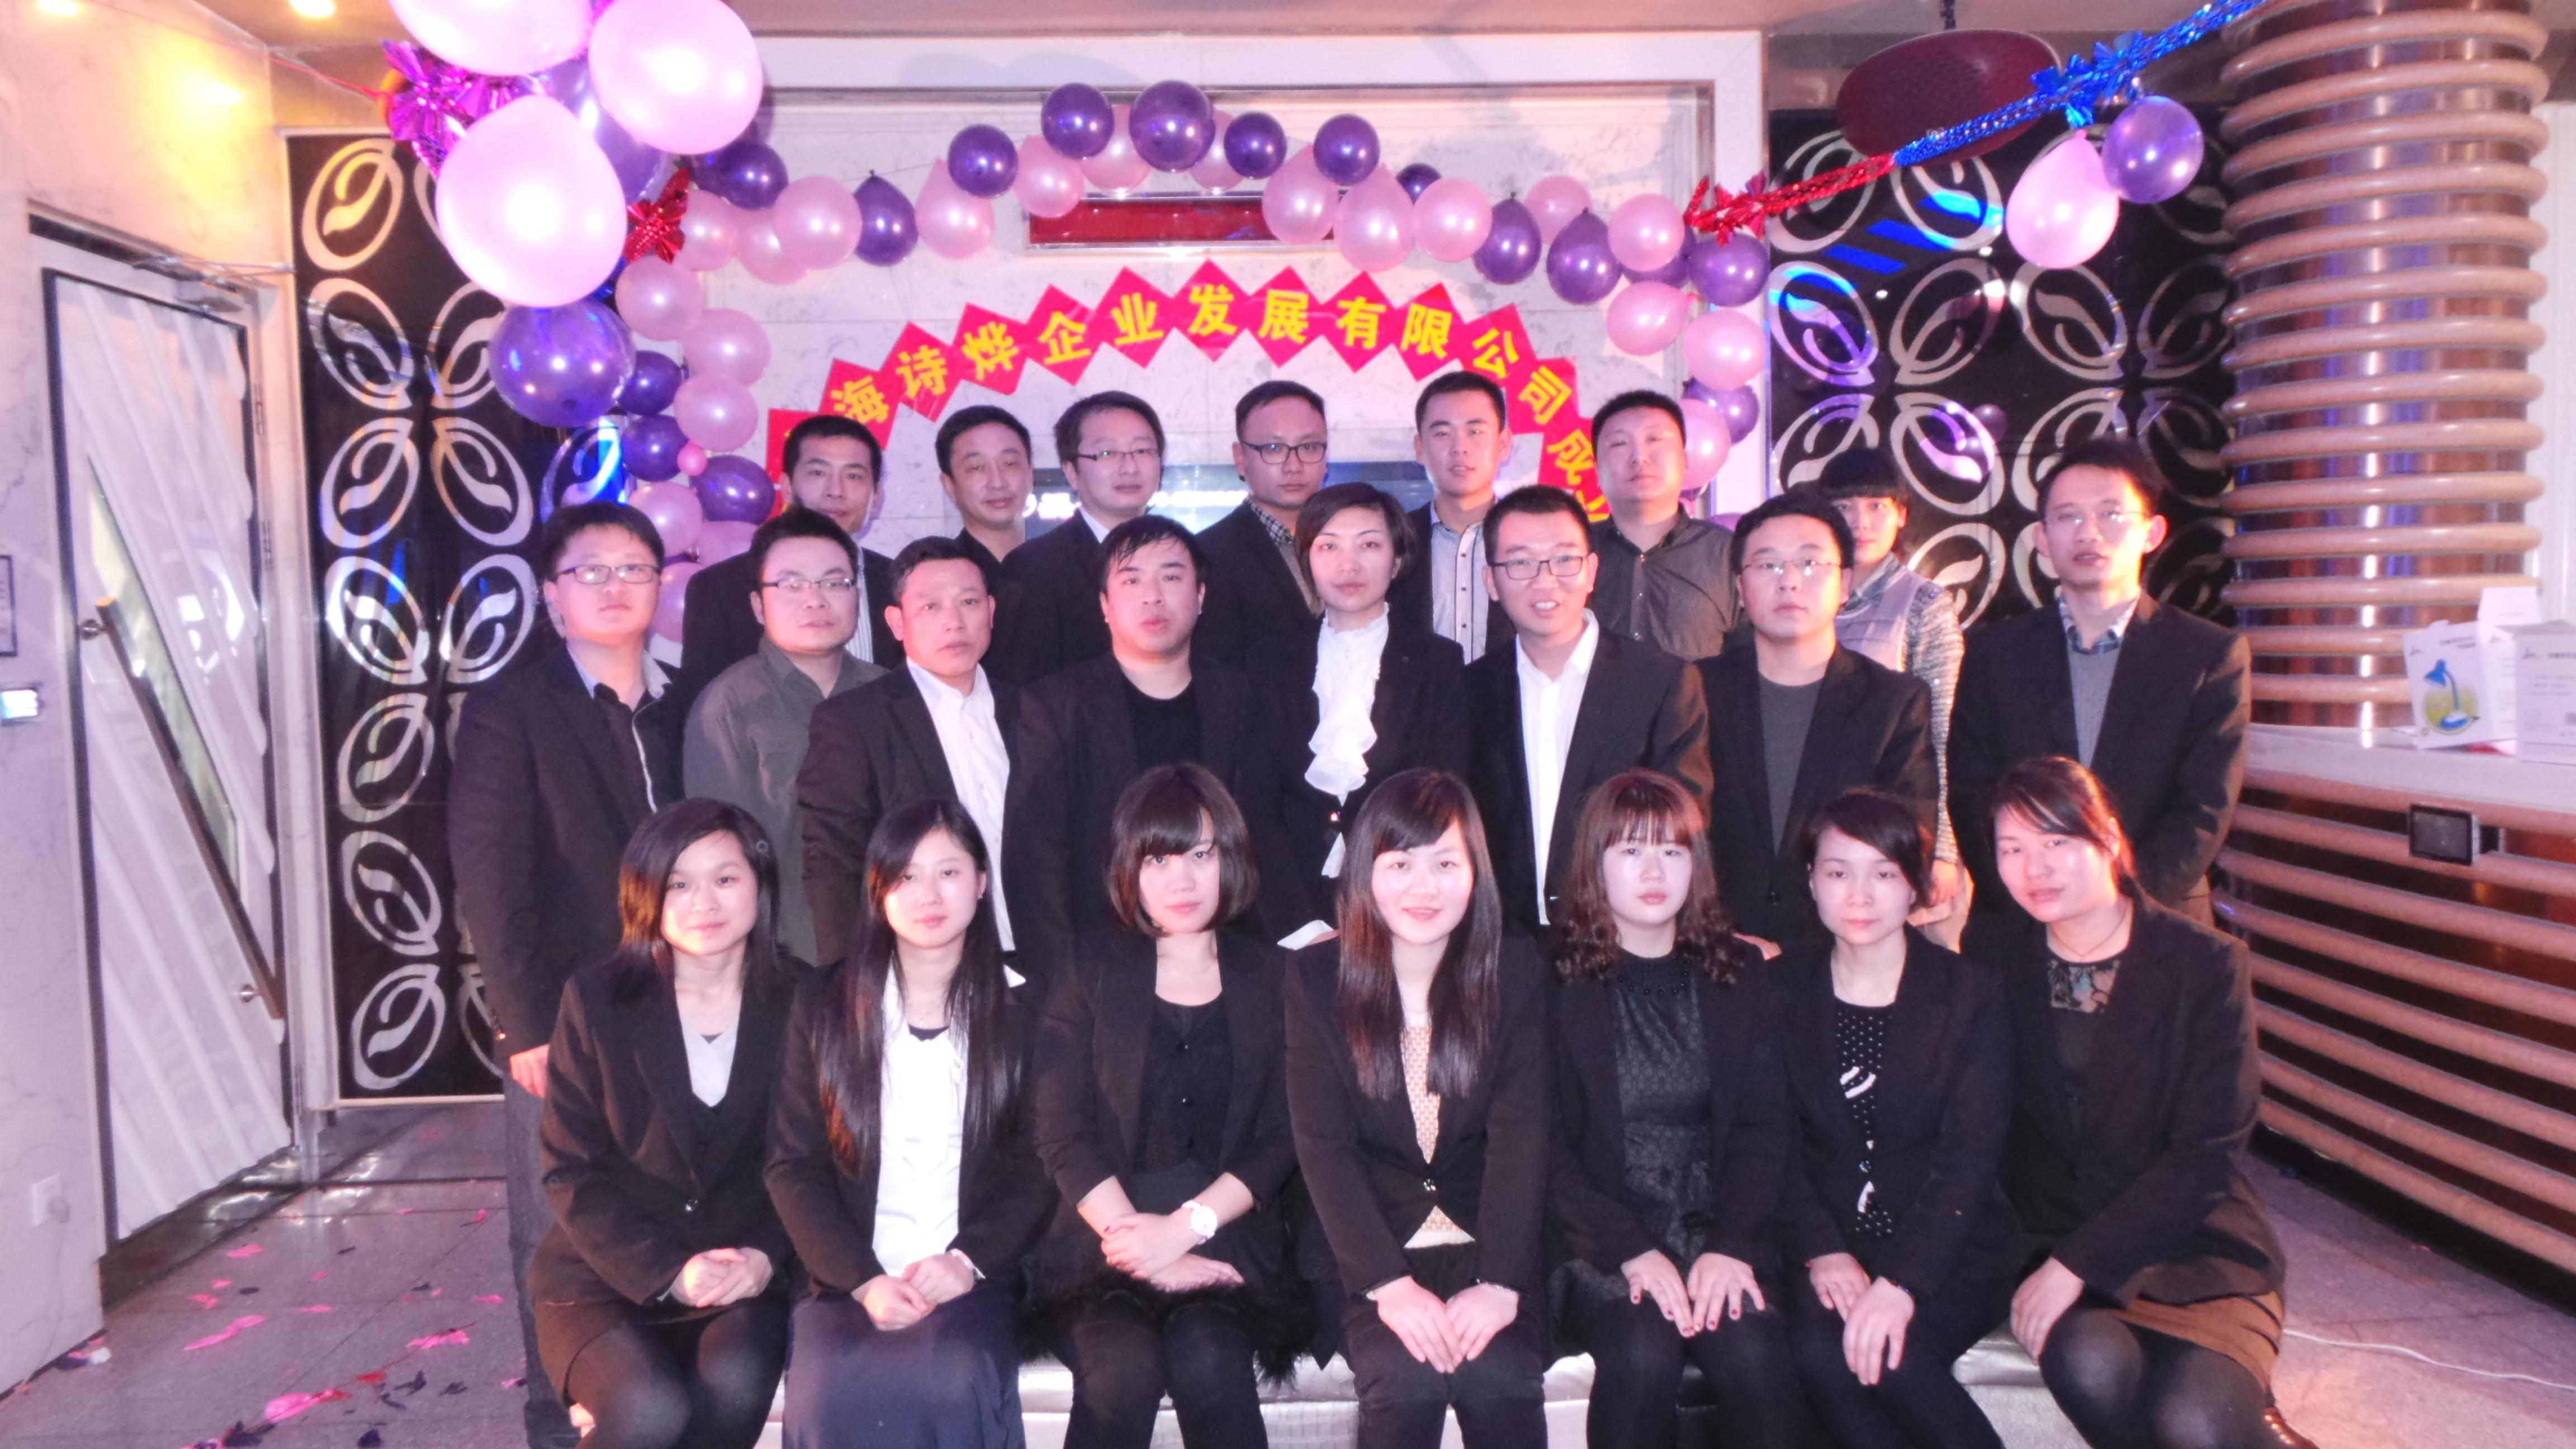 【开启属于你的2015】诗烨企业送台历啦~!